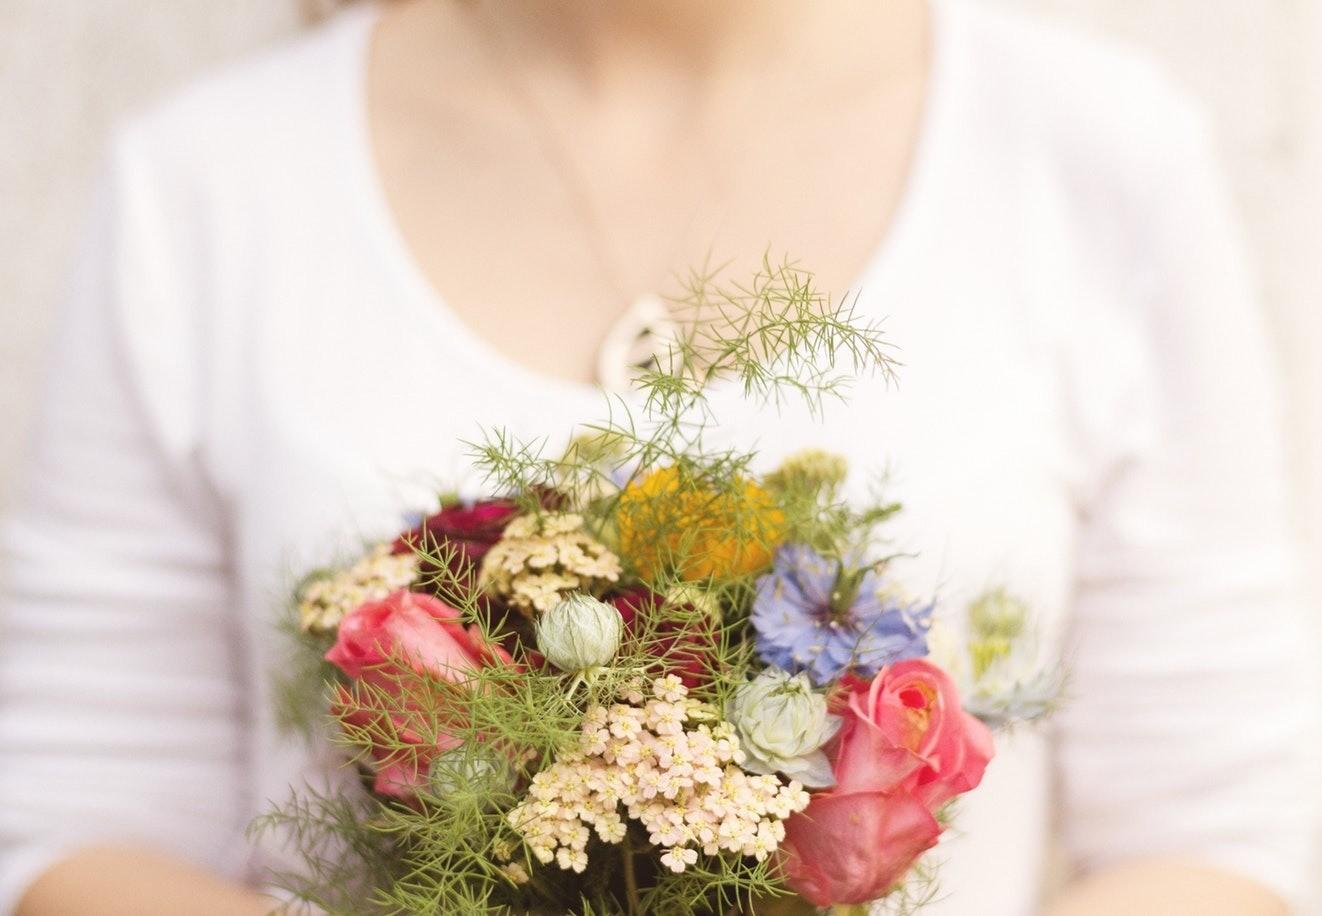 Что подарить маме на день матери: подарки, которые порадуют маму, бабушку, свекровь и даже воспитательницу